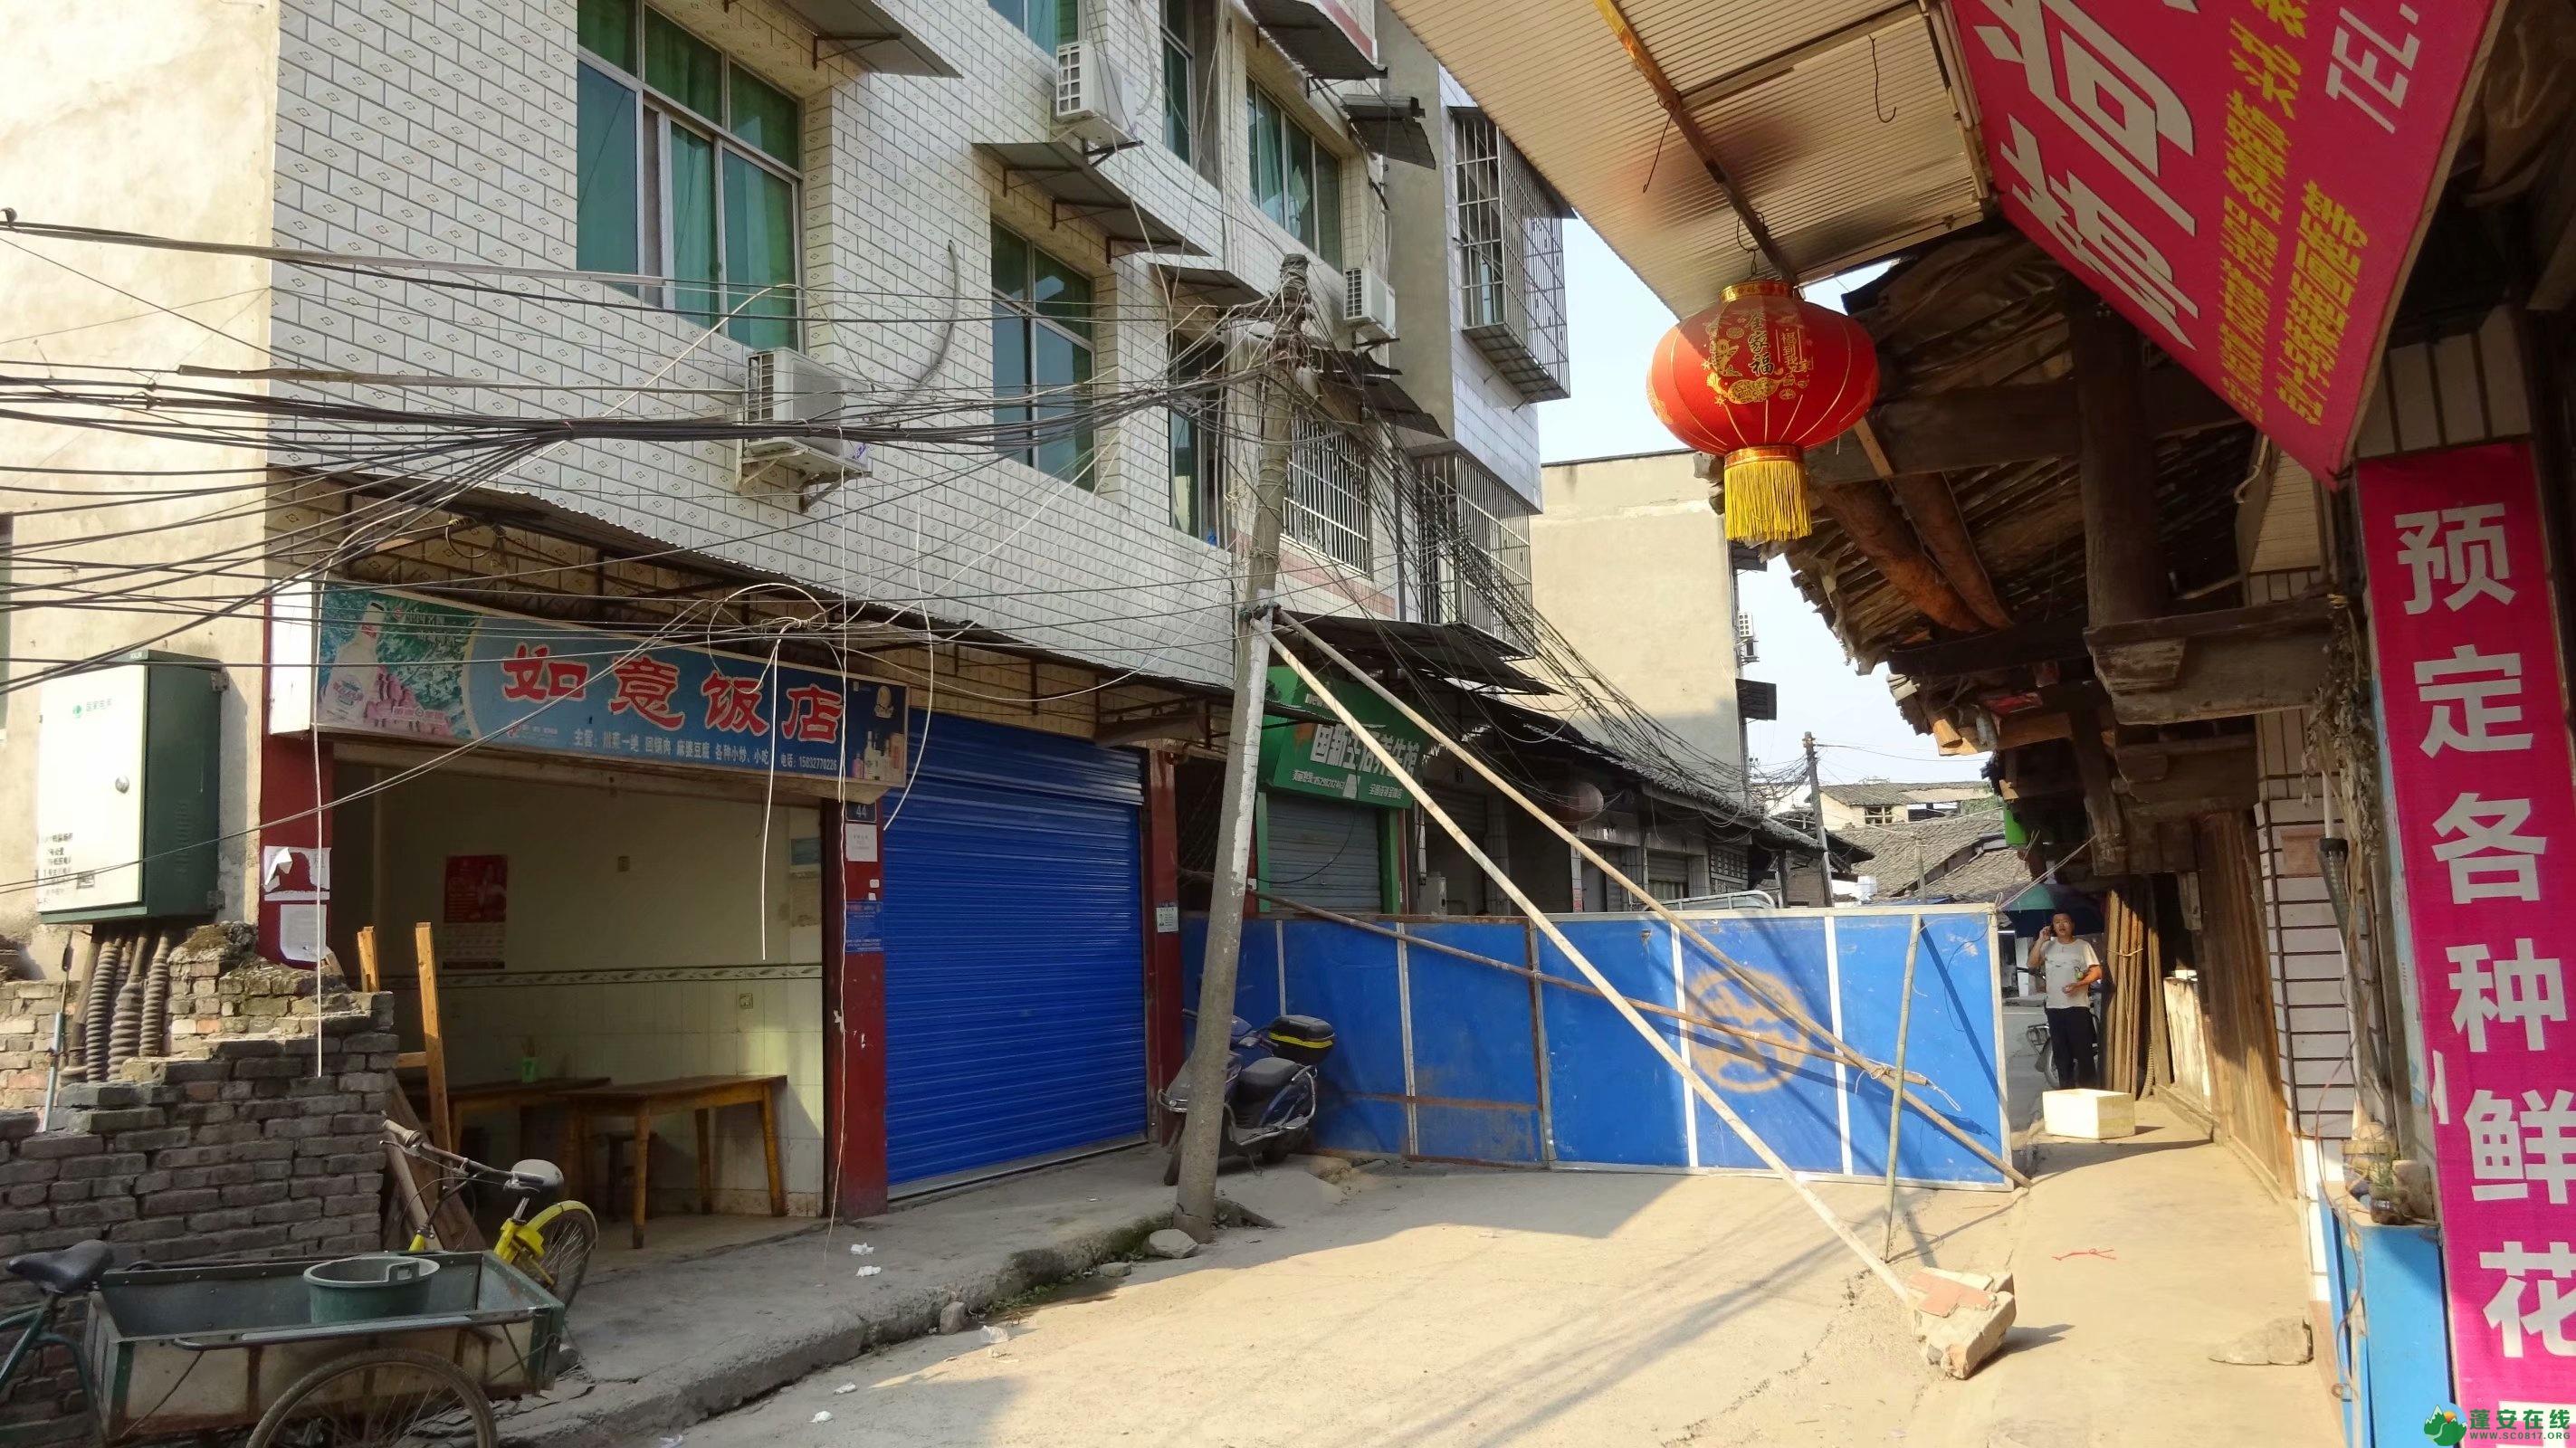 蓬安锦屏相如故城建设迅猛 - 第19张  | 蓬安在线